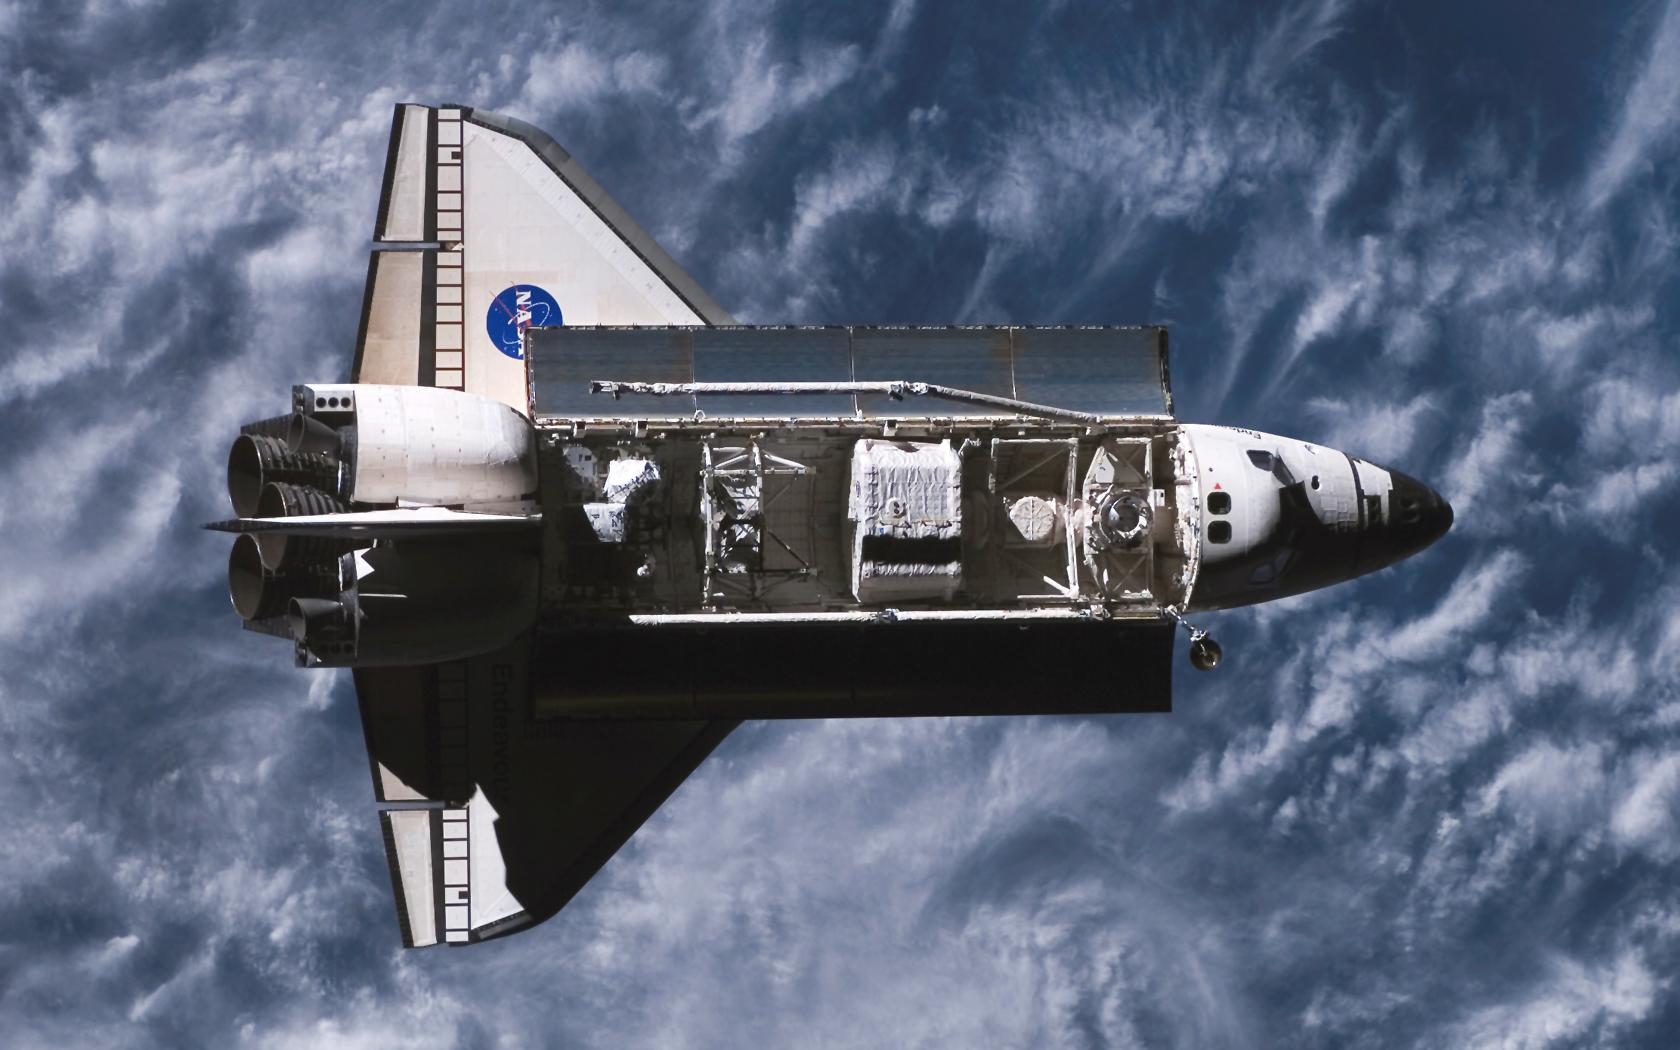 Space Shuttle Endeavour Computer Wallpapers, Desktop ...